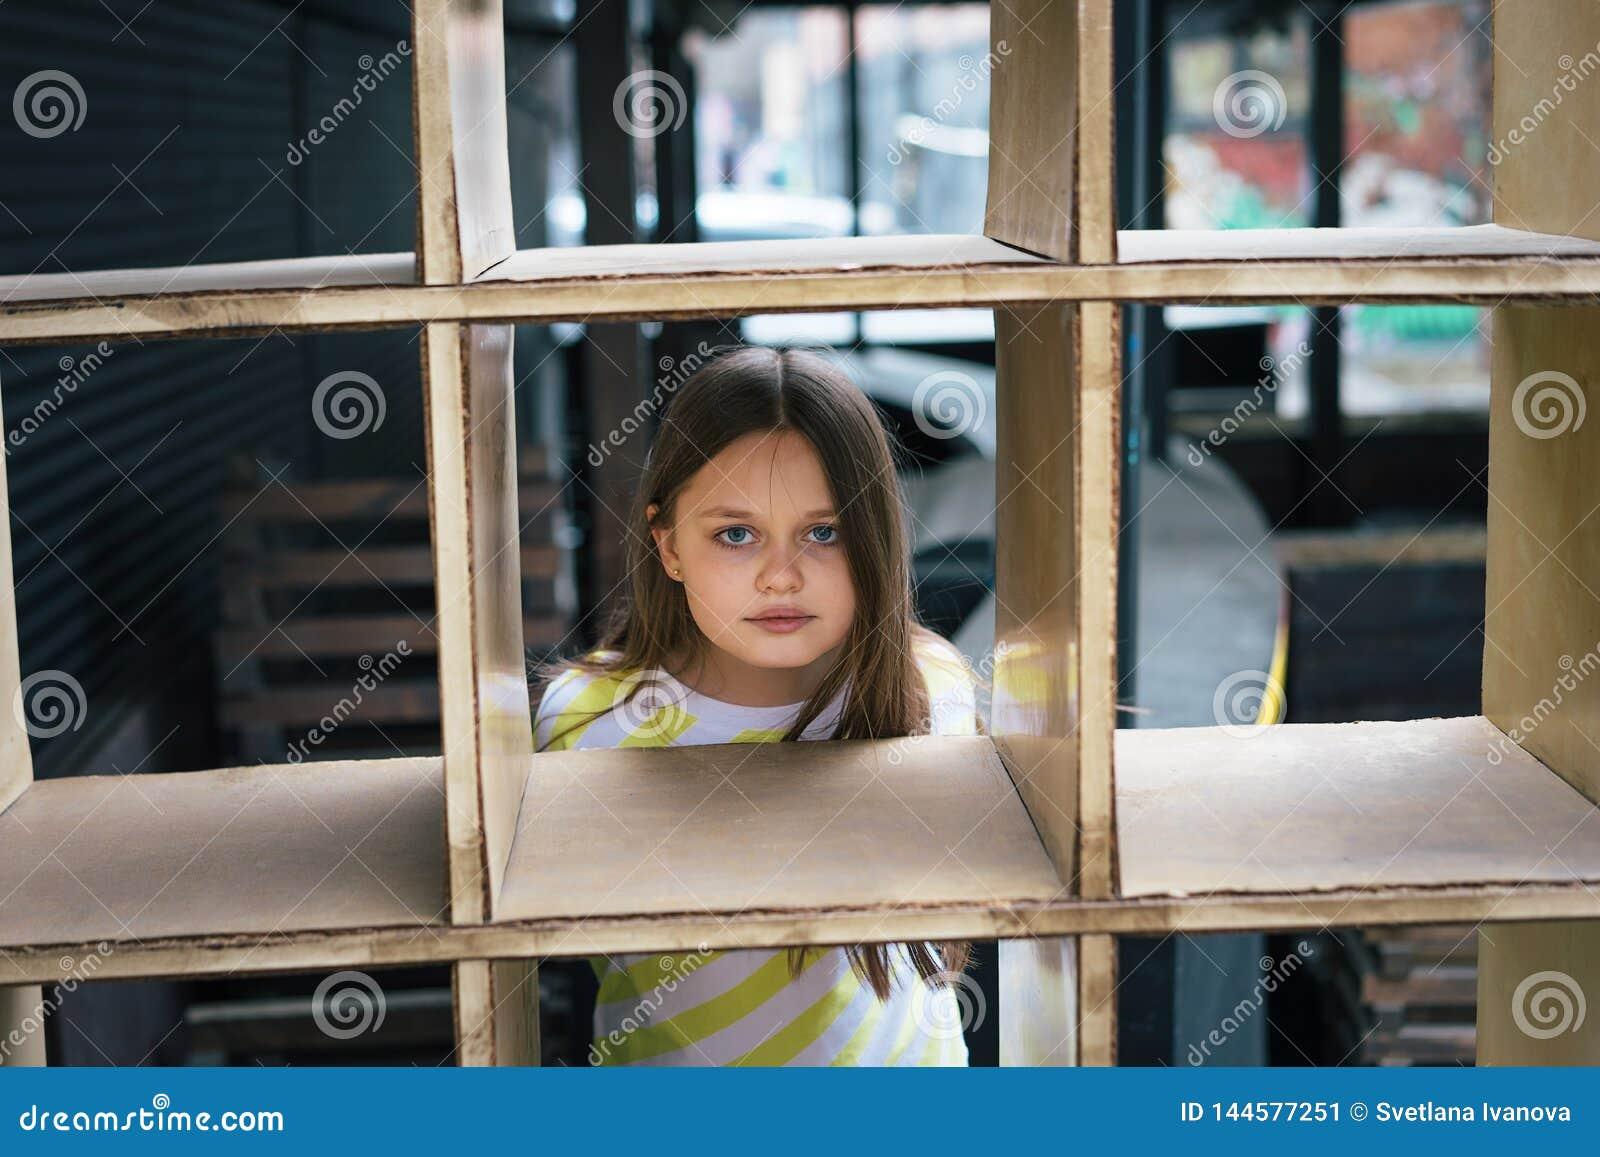 Een mooi meisje die uit van achter een kooi-vormige structuur kijken Spelconcept